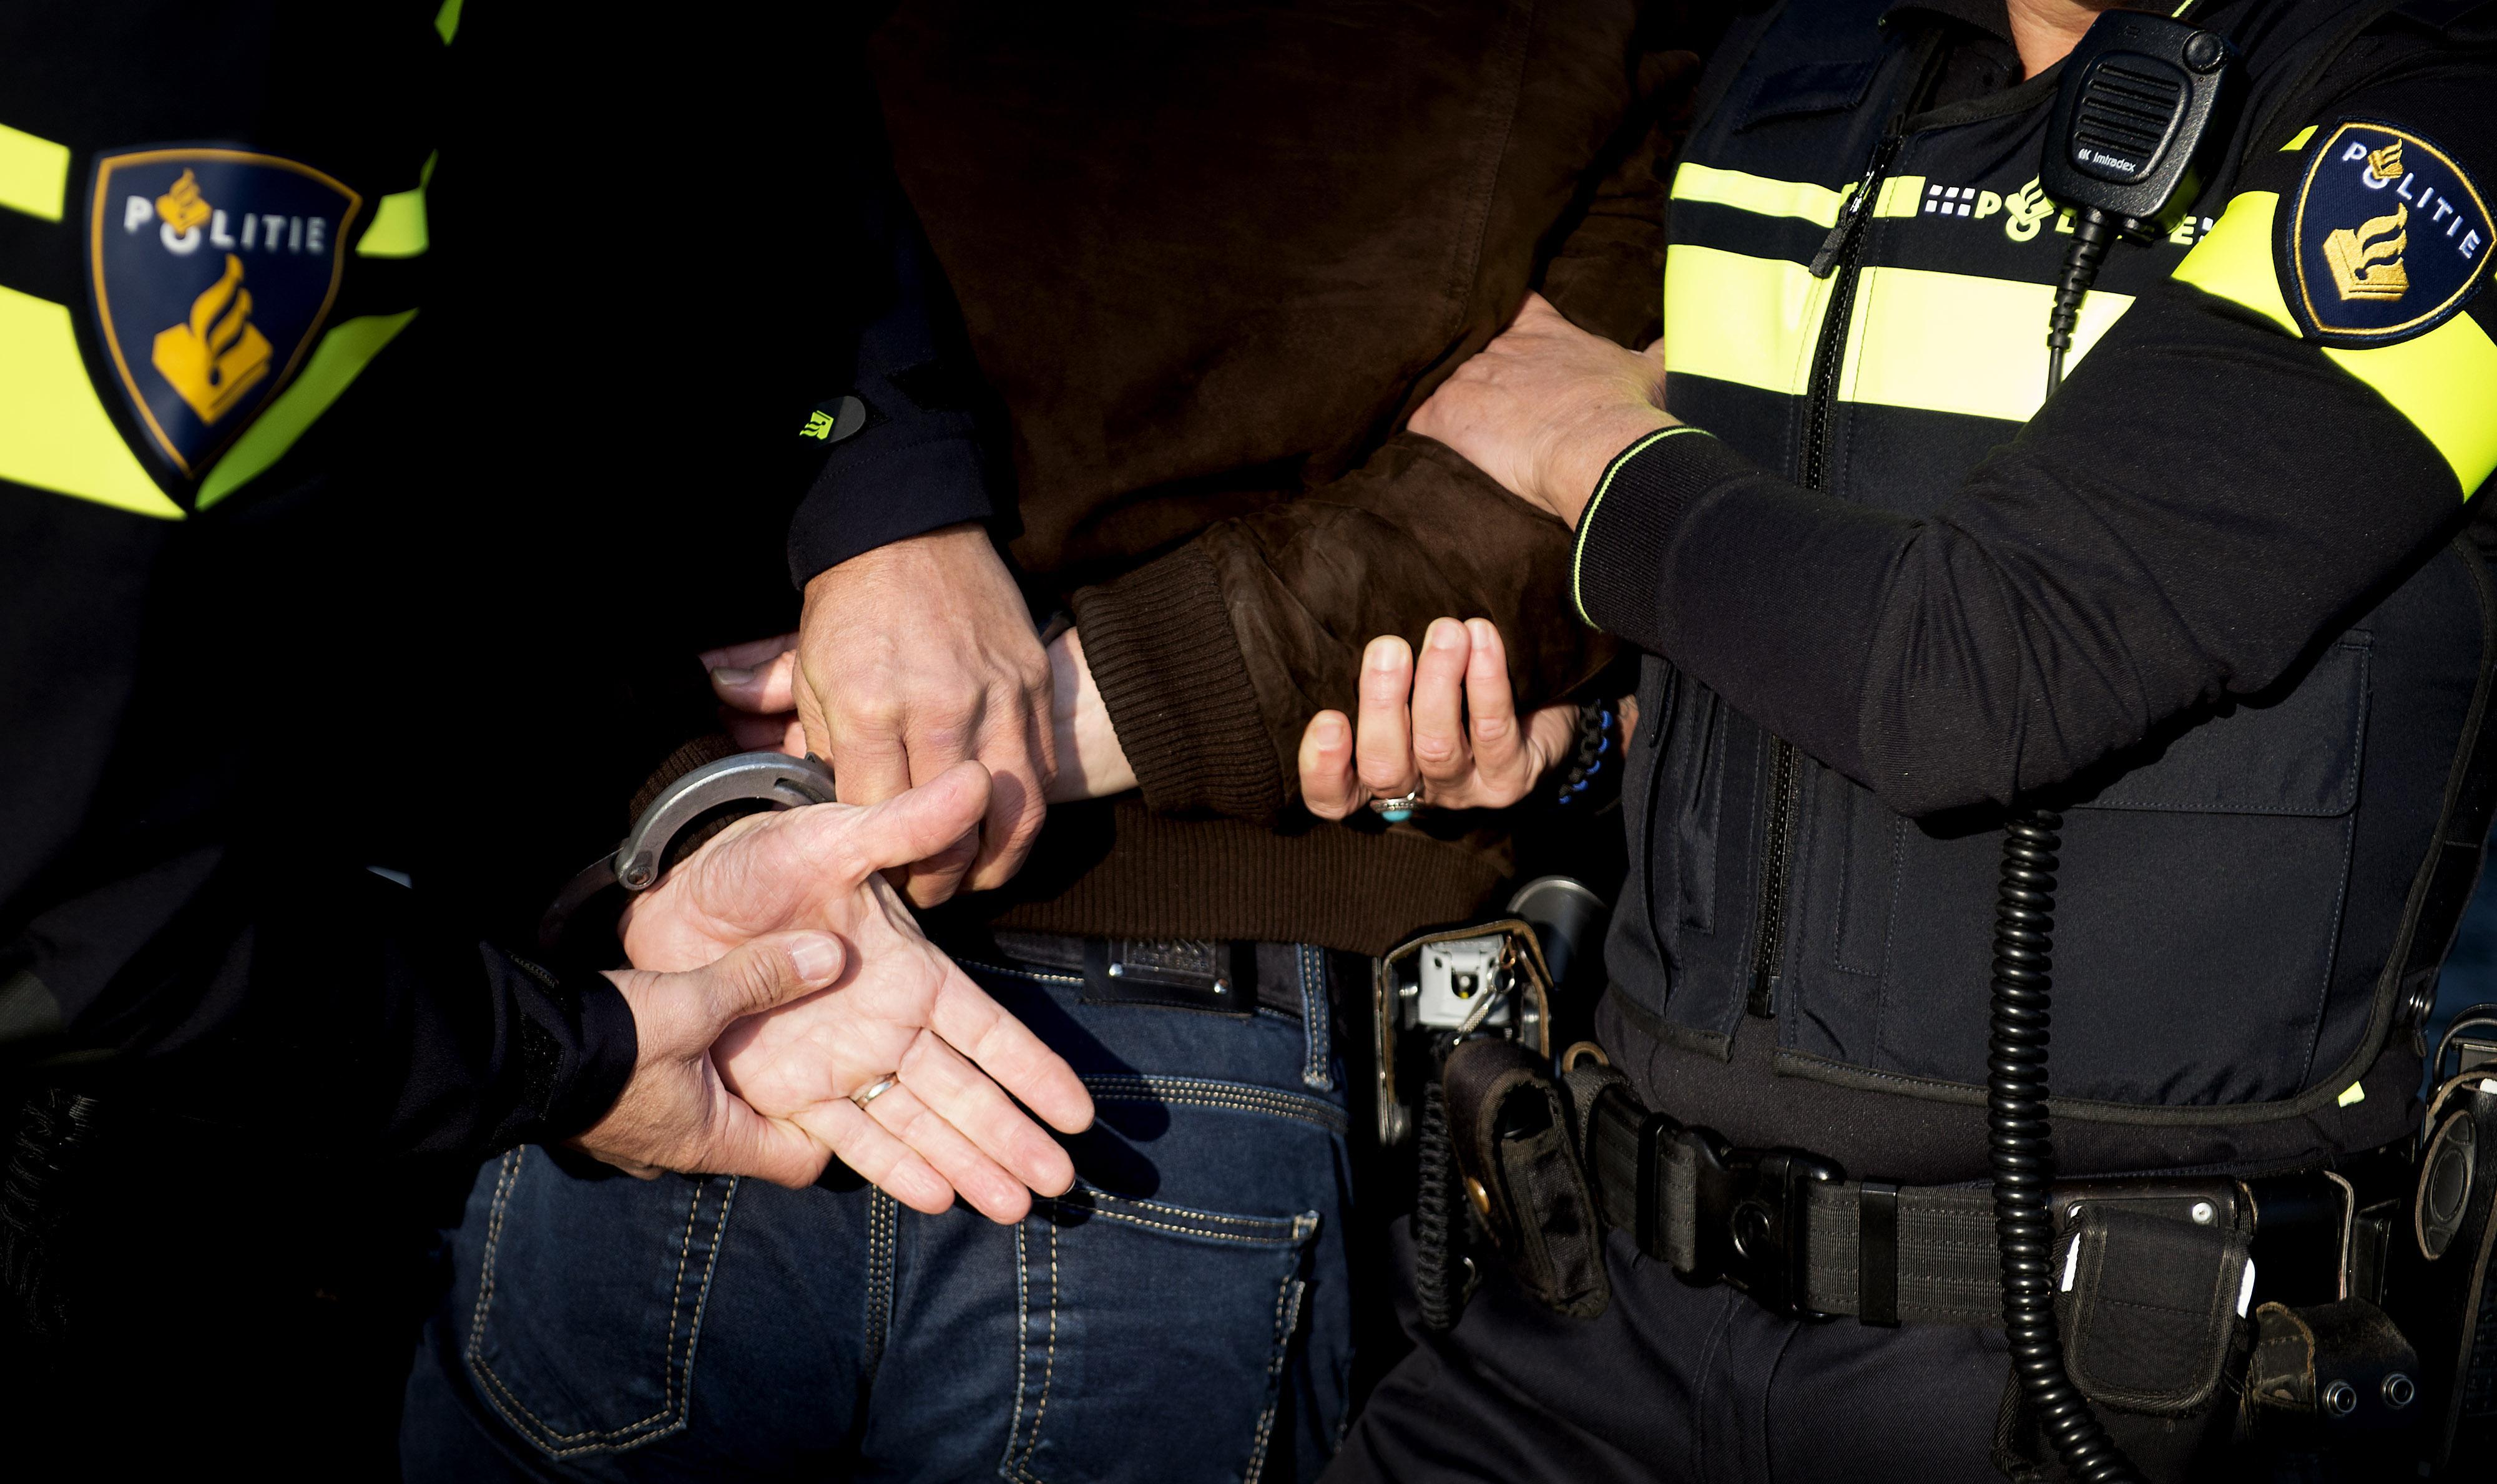 Aanhoudingen Hilversum en Bussum voor afpersing fruitbedrijf dat drugs vond